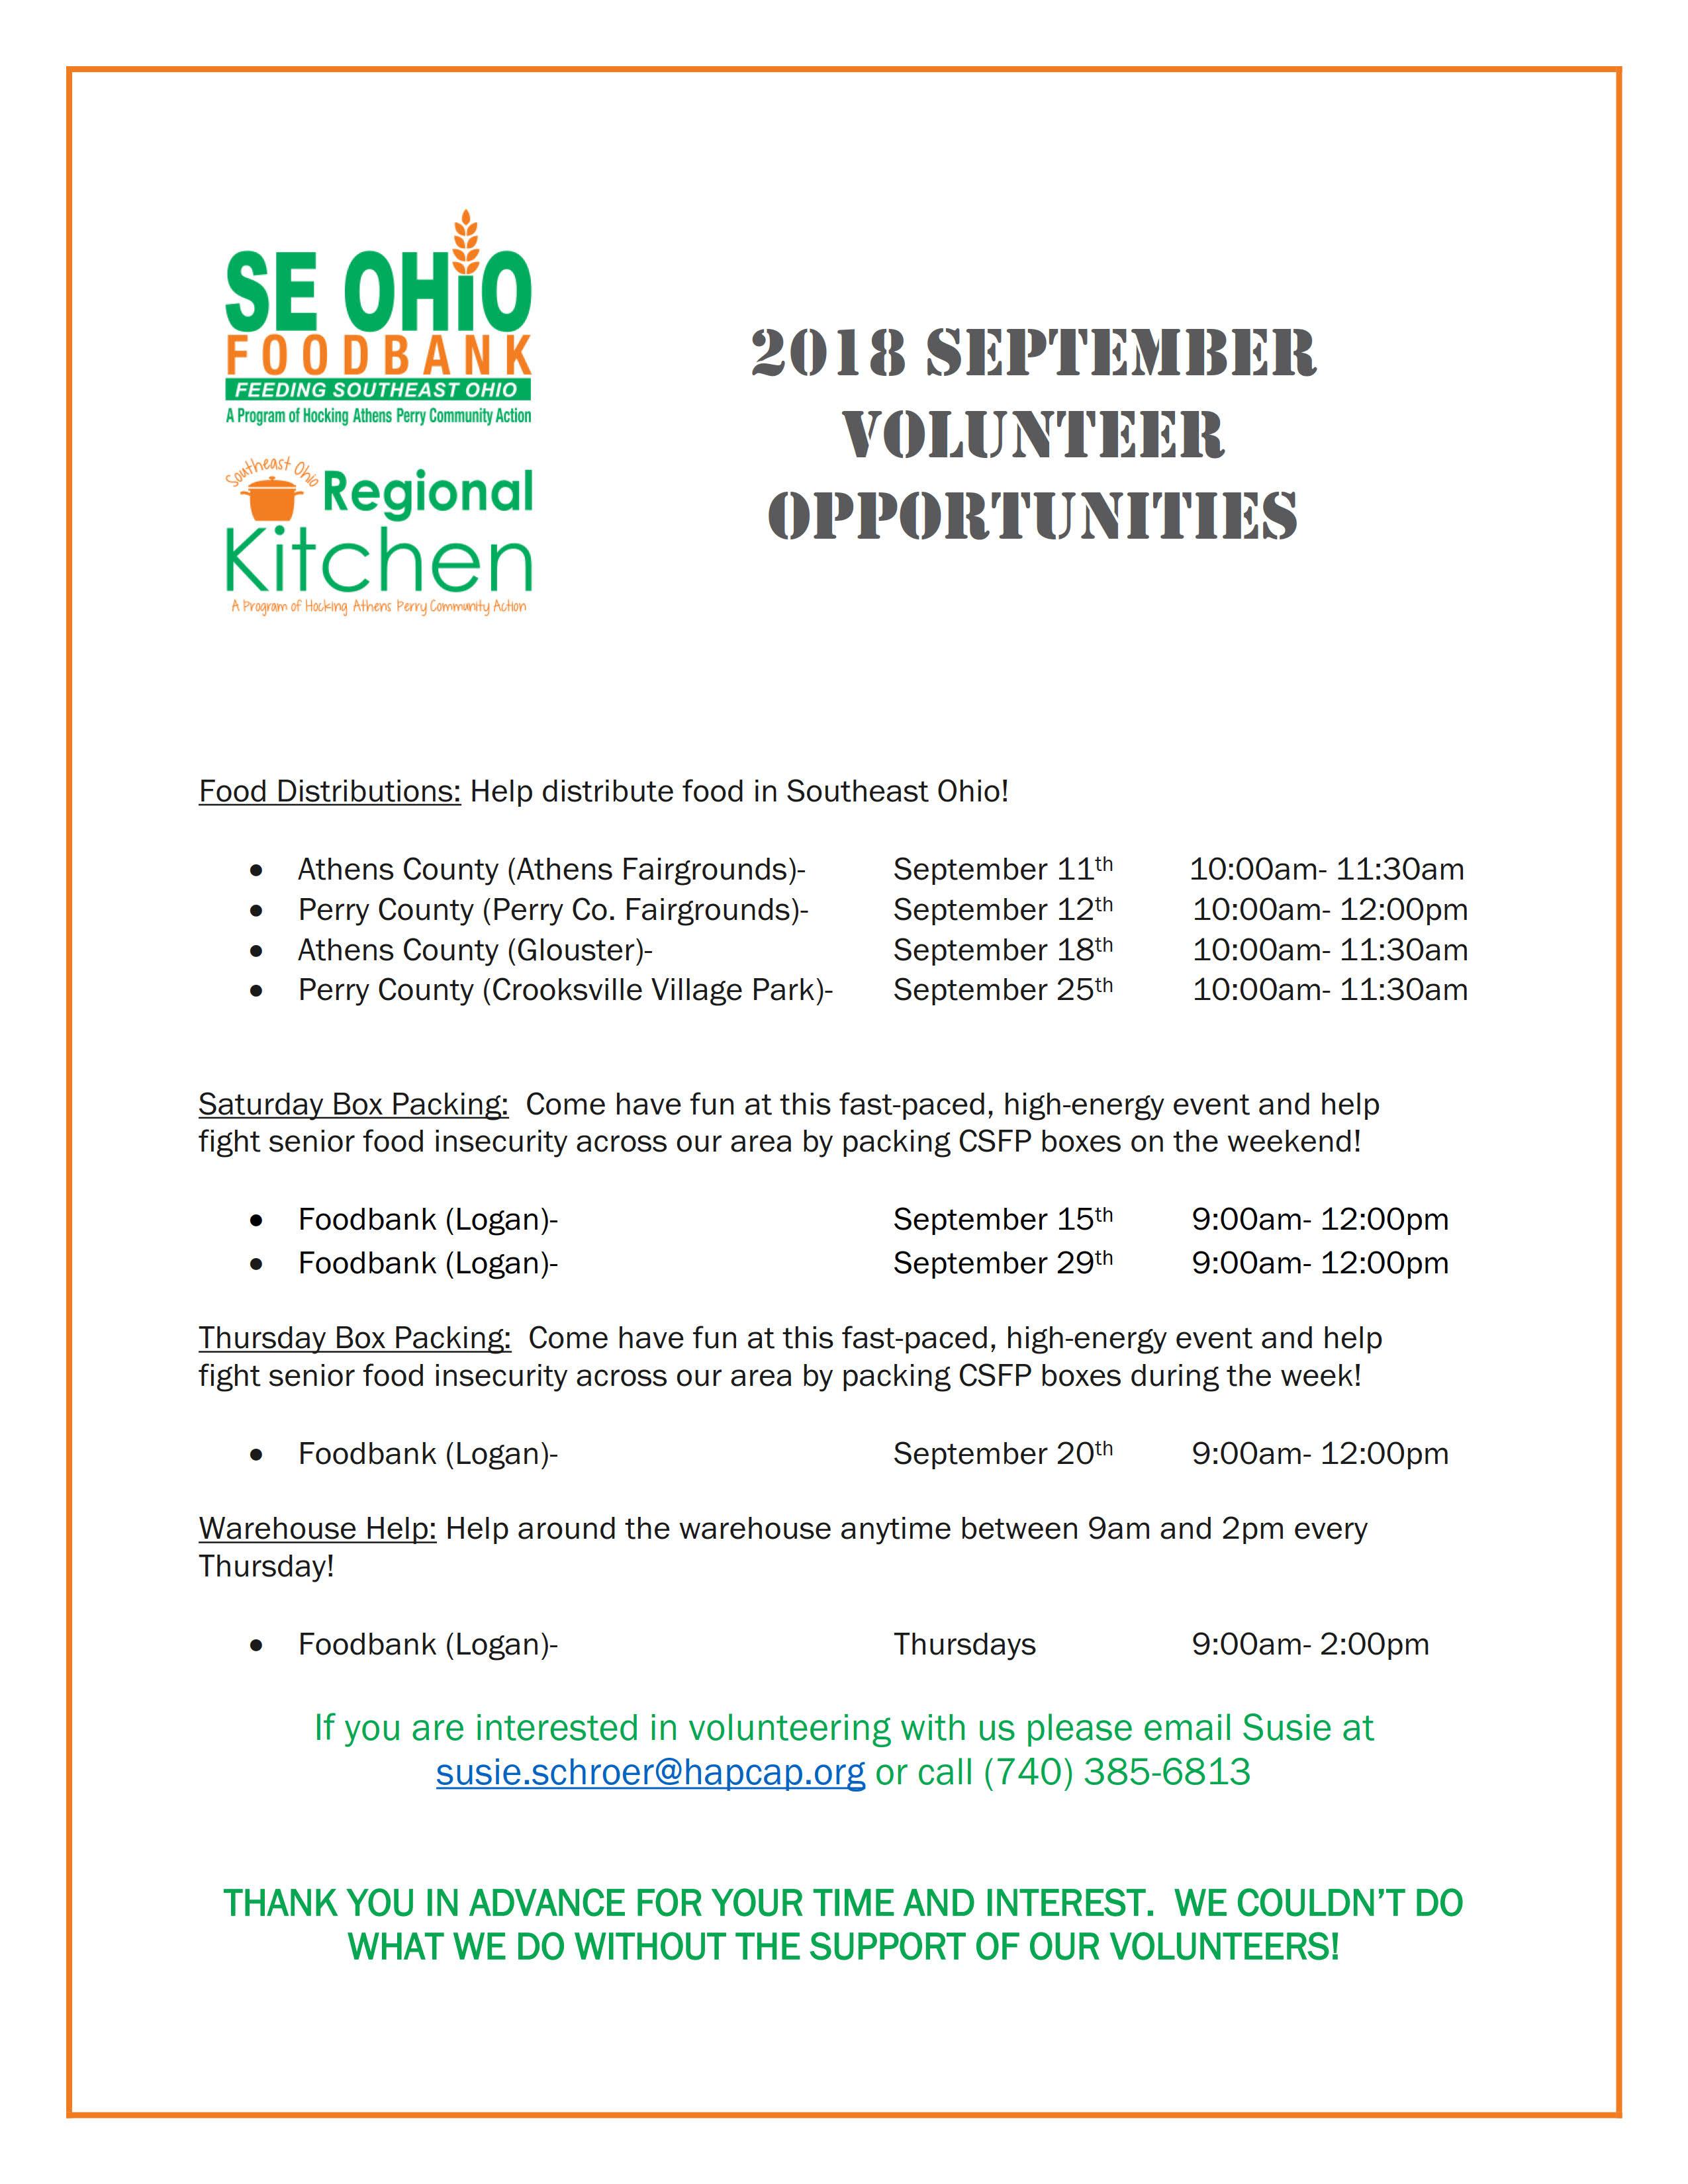 SE Ohio Food Bank September 2018 Volunteer Opportunities